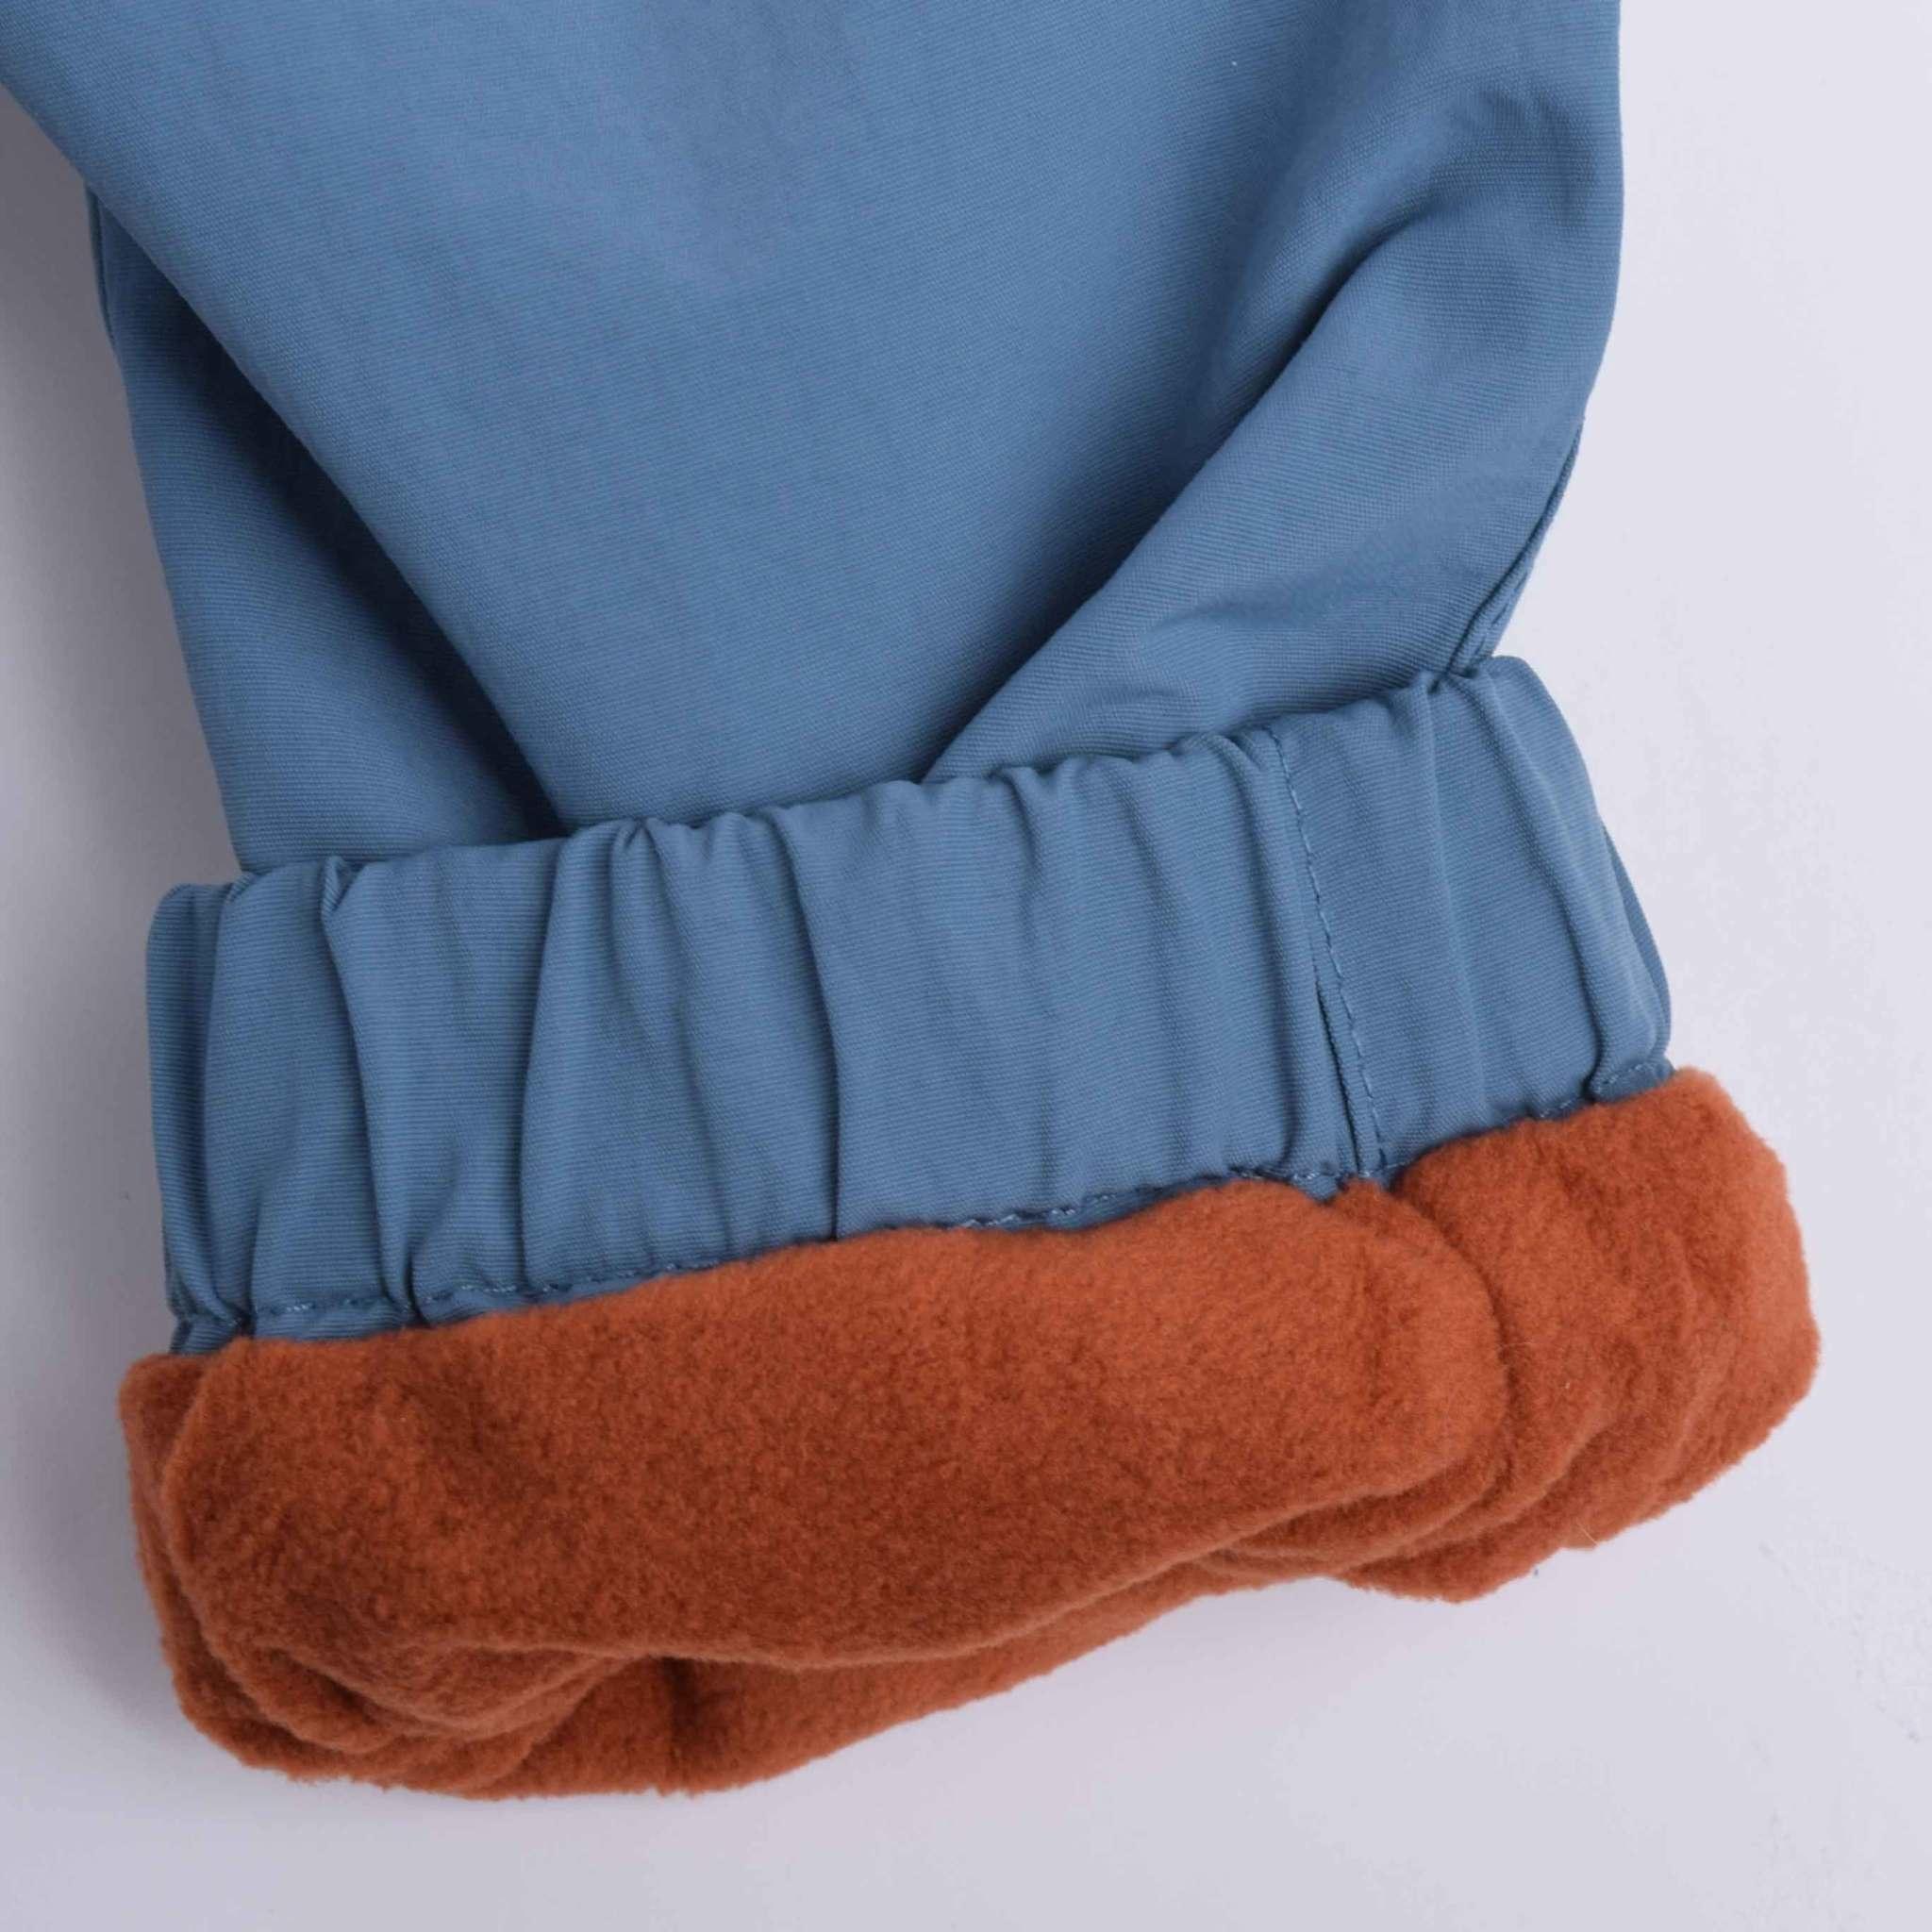 Pantalon D'Extérieur doublé Polar - TWENTY TWO 1.0-6